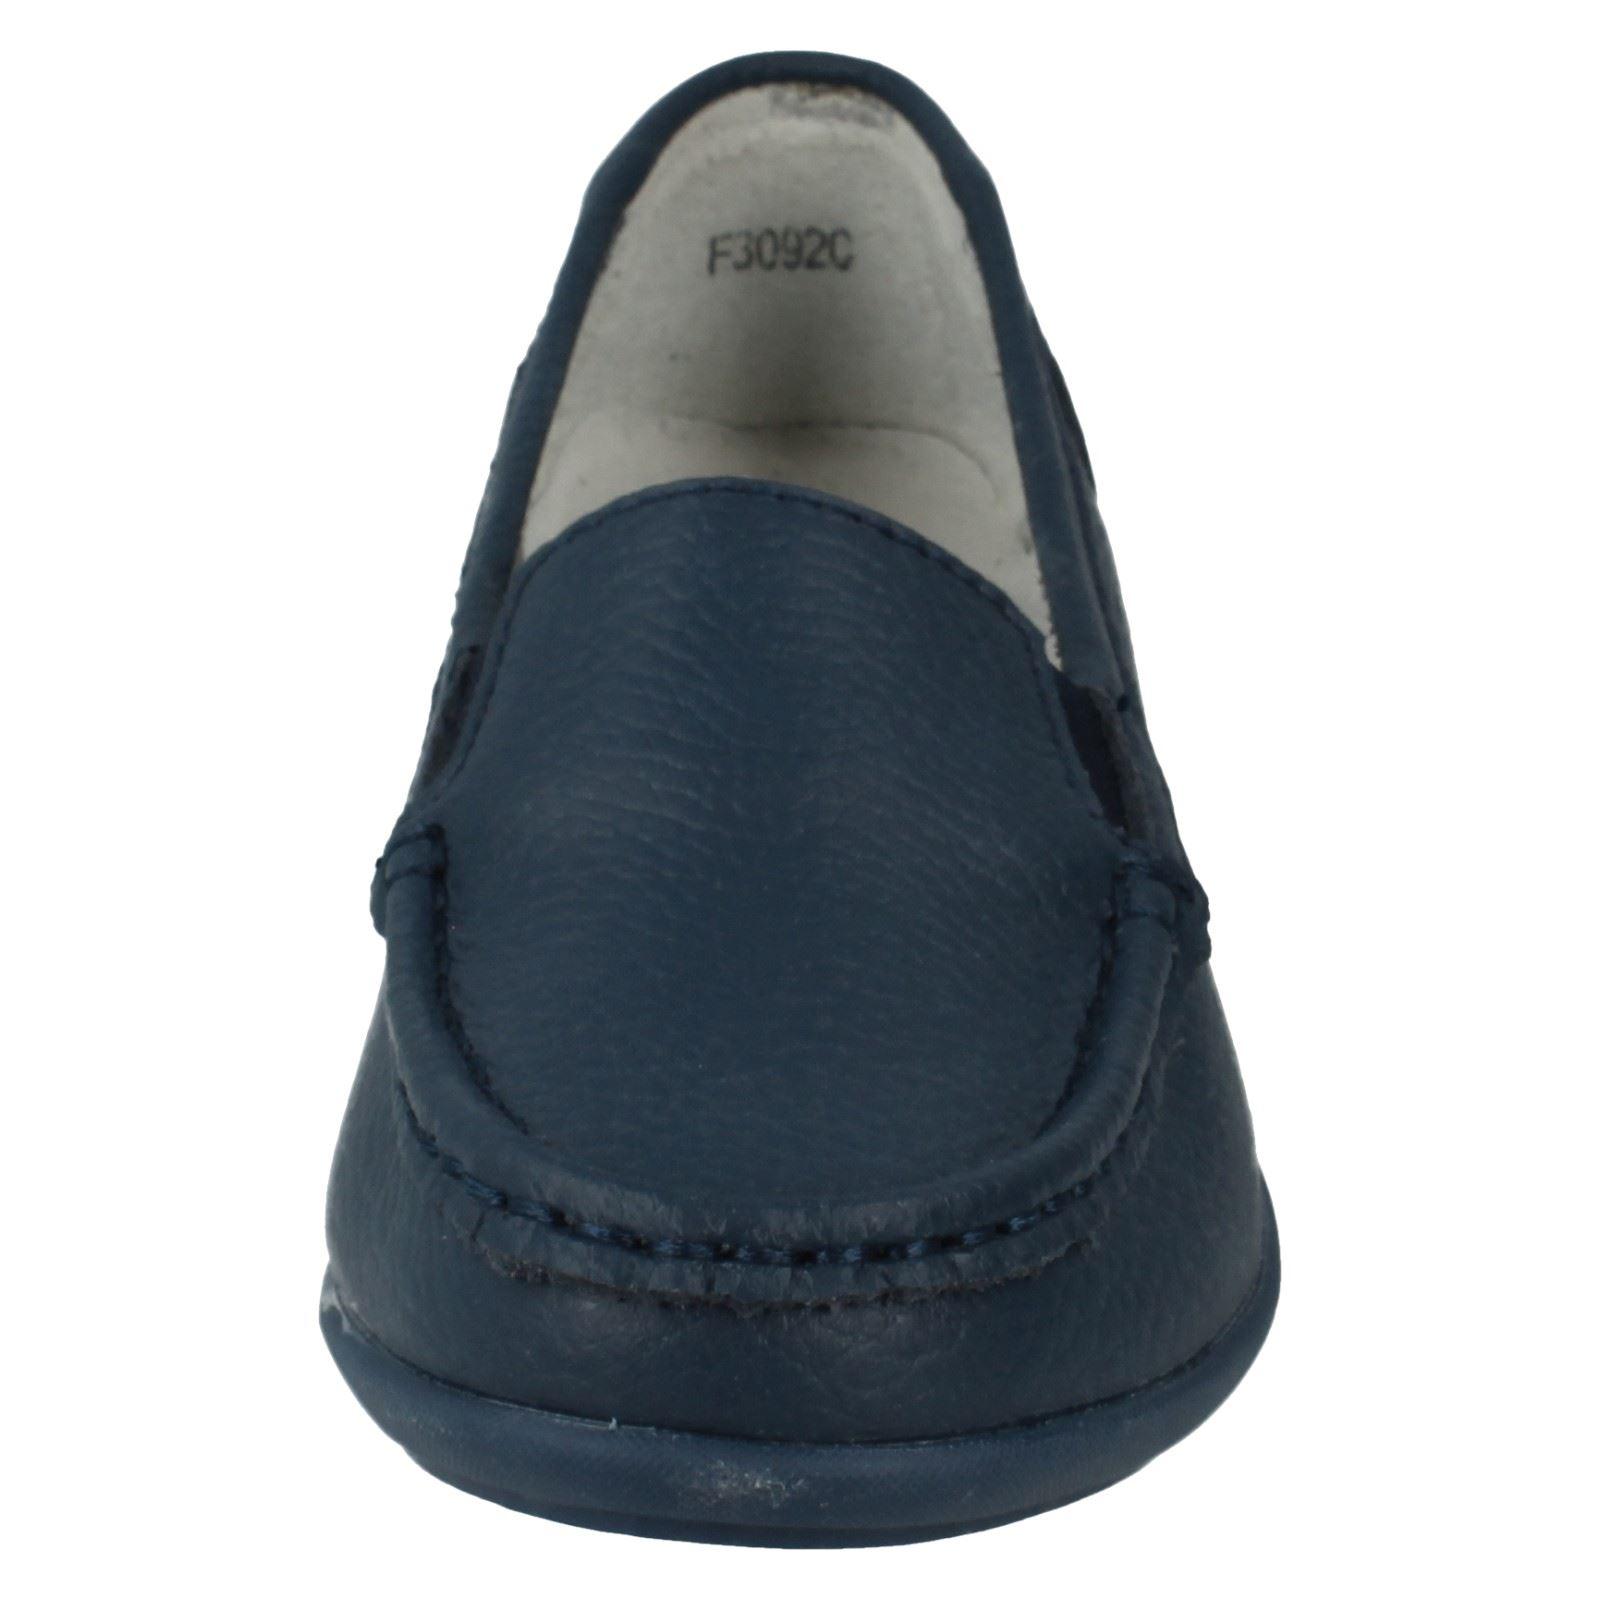 Mujer Eaze Zapato Plano Label F3092